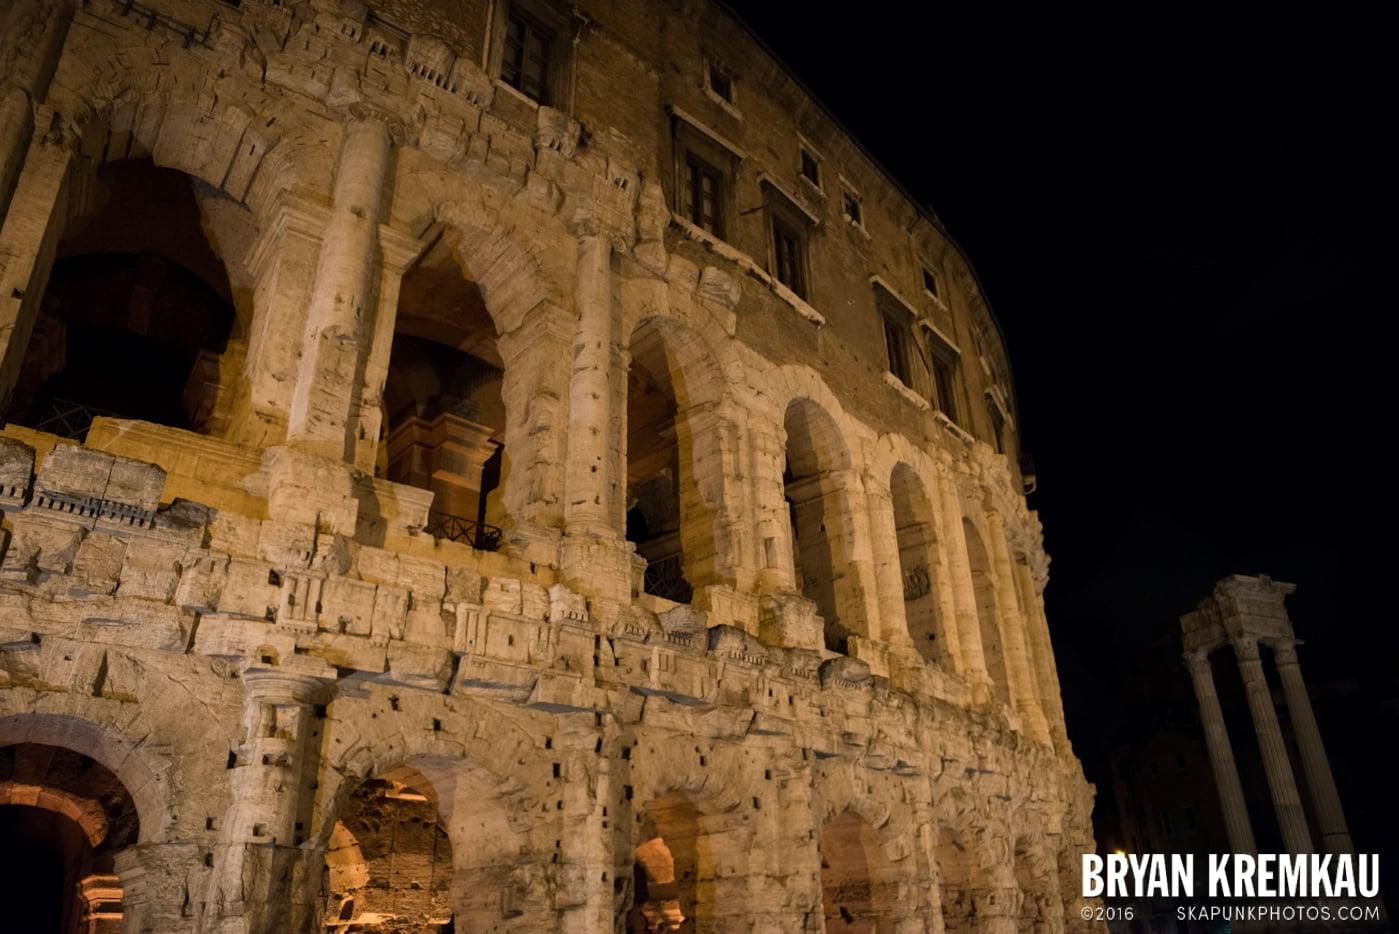 Italy Vacation - Day 2: Rome - 9.10.13 (16)